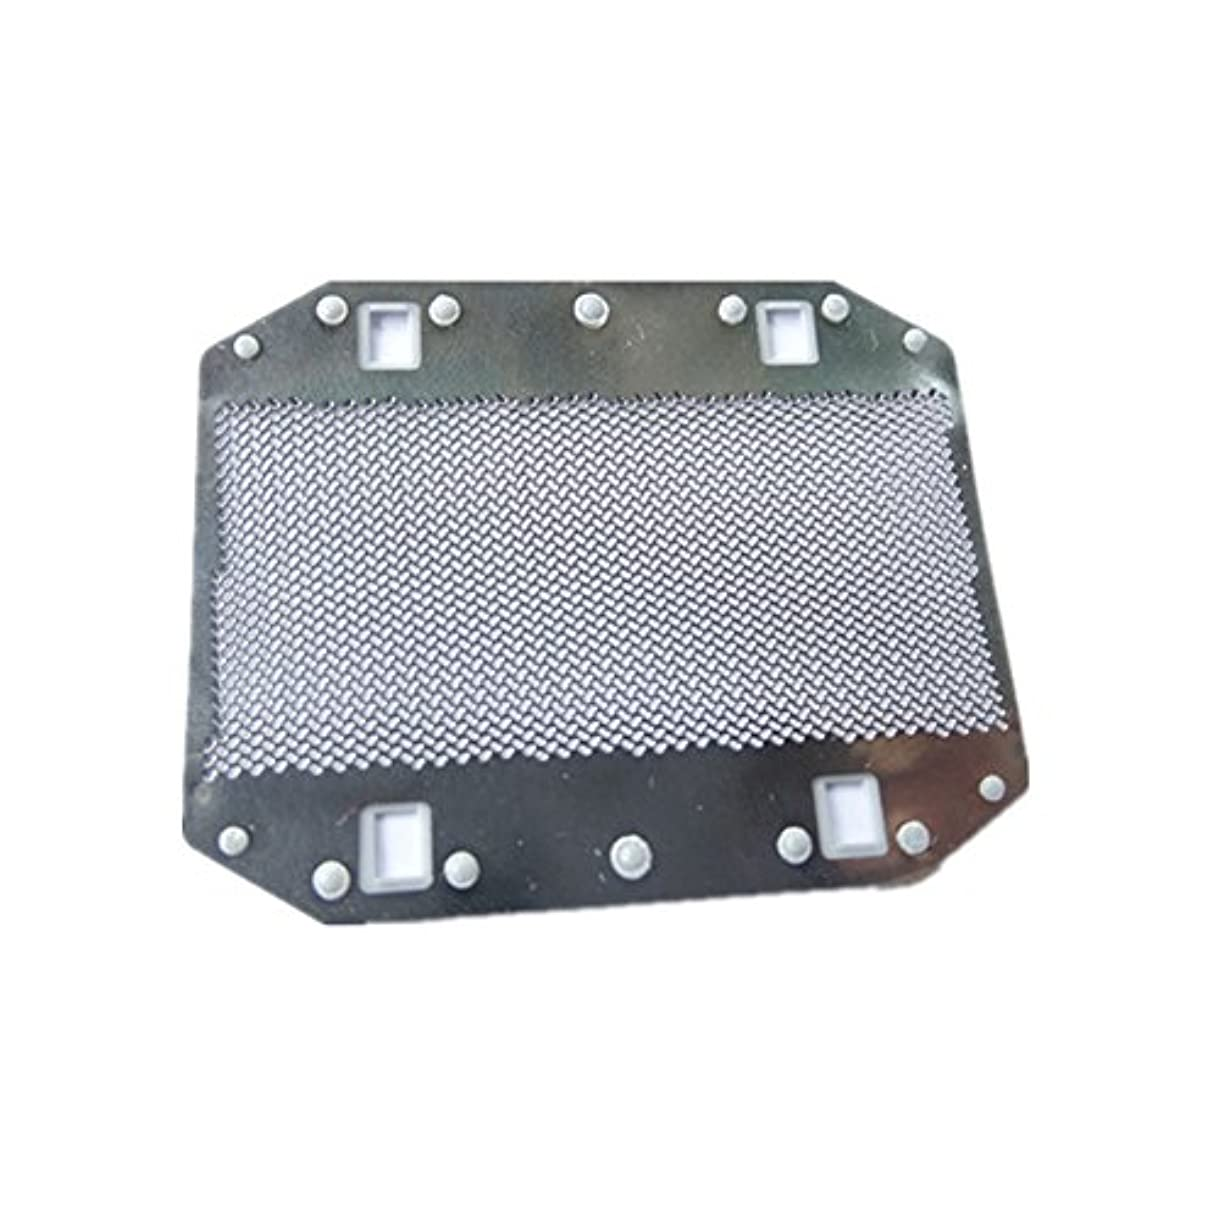 レタッチ安西原点HZjundasi シェーバー剃刀 Outer ホイル for Panasonic ES3050/376/317/RC40/RP20 ES9943C